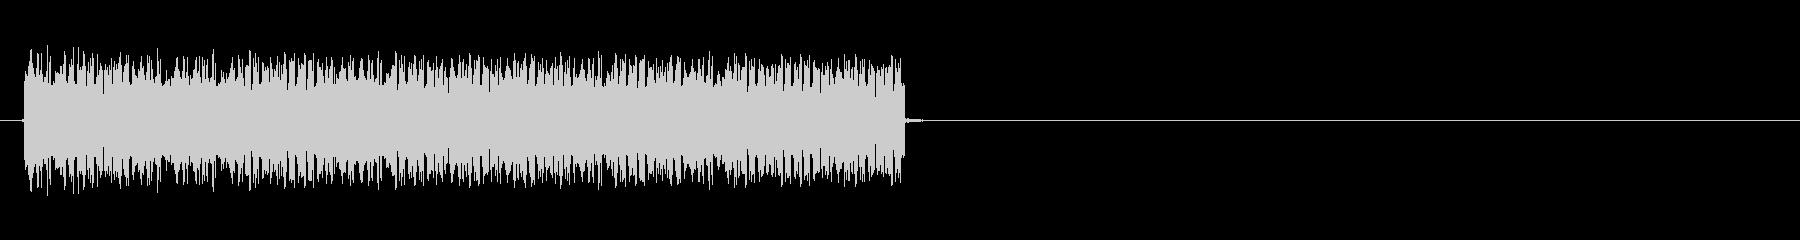 ビリビリビリッ(電気、感電)の未再生の波形